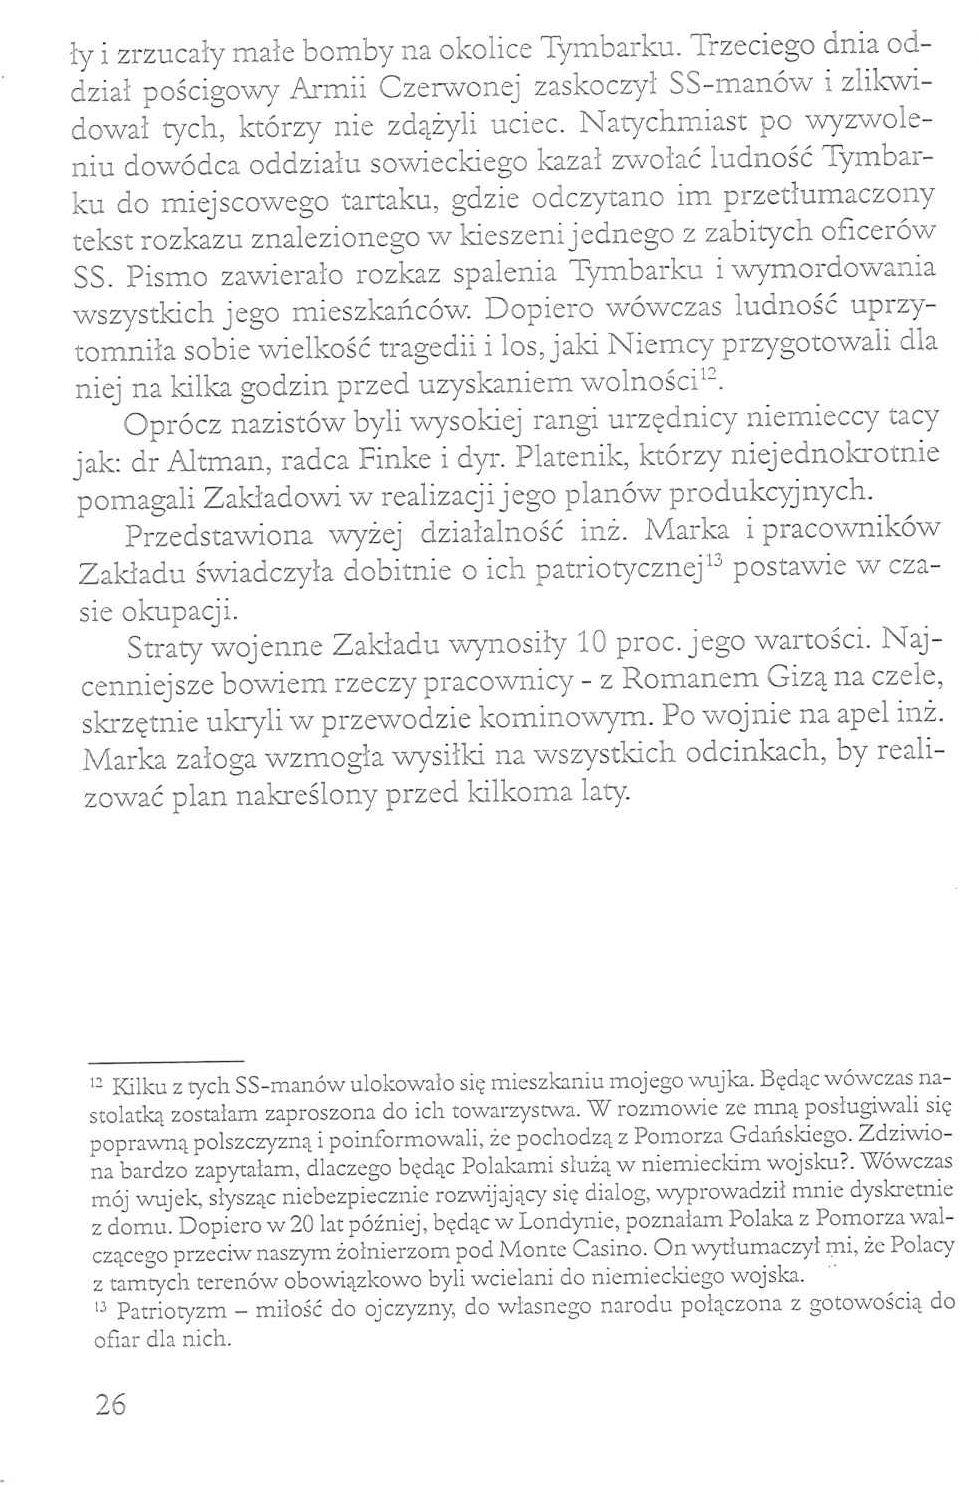 str26